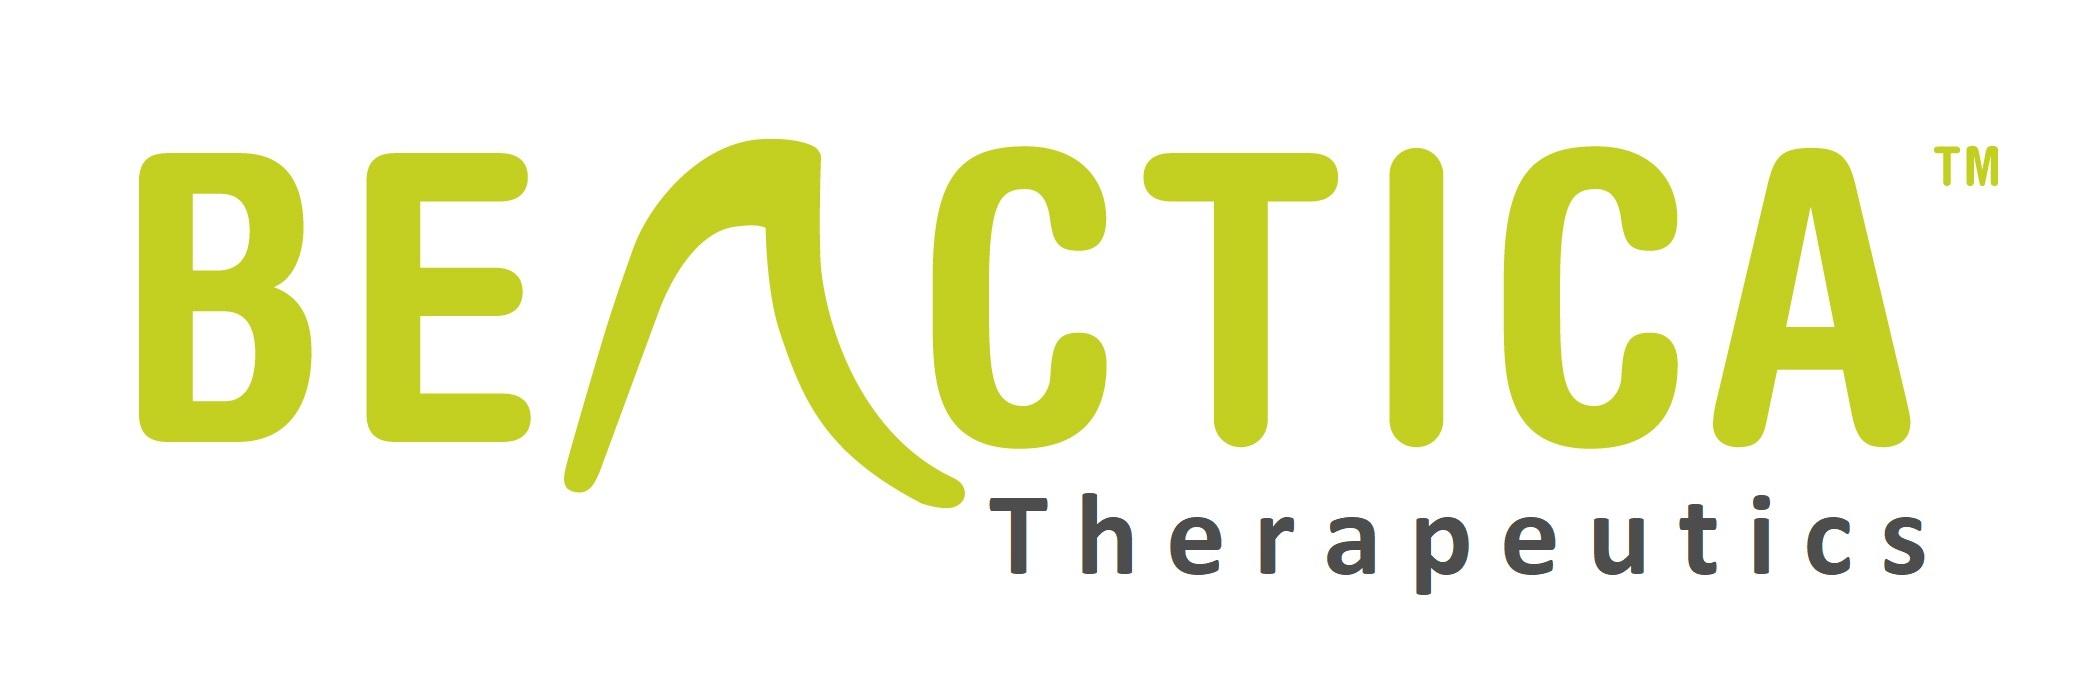 Beactica Therapeutics AB